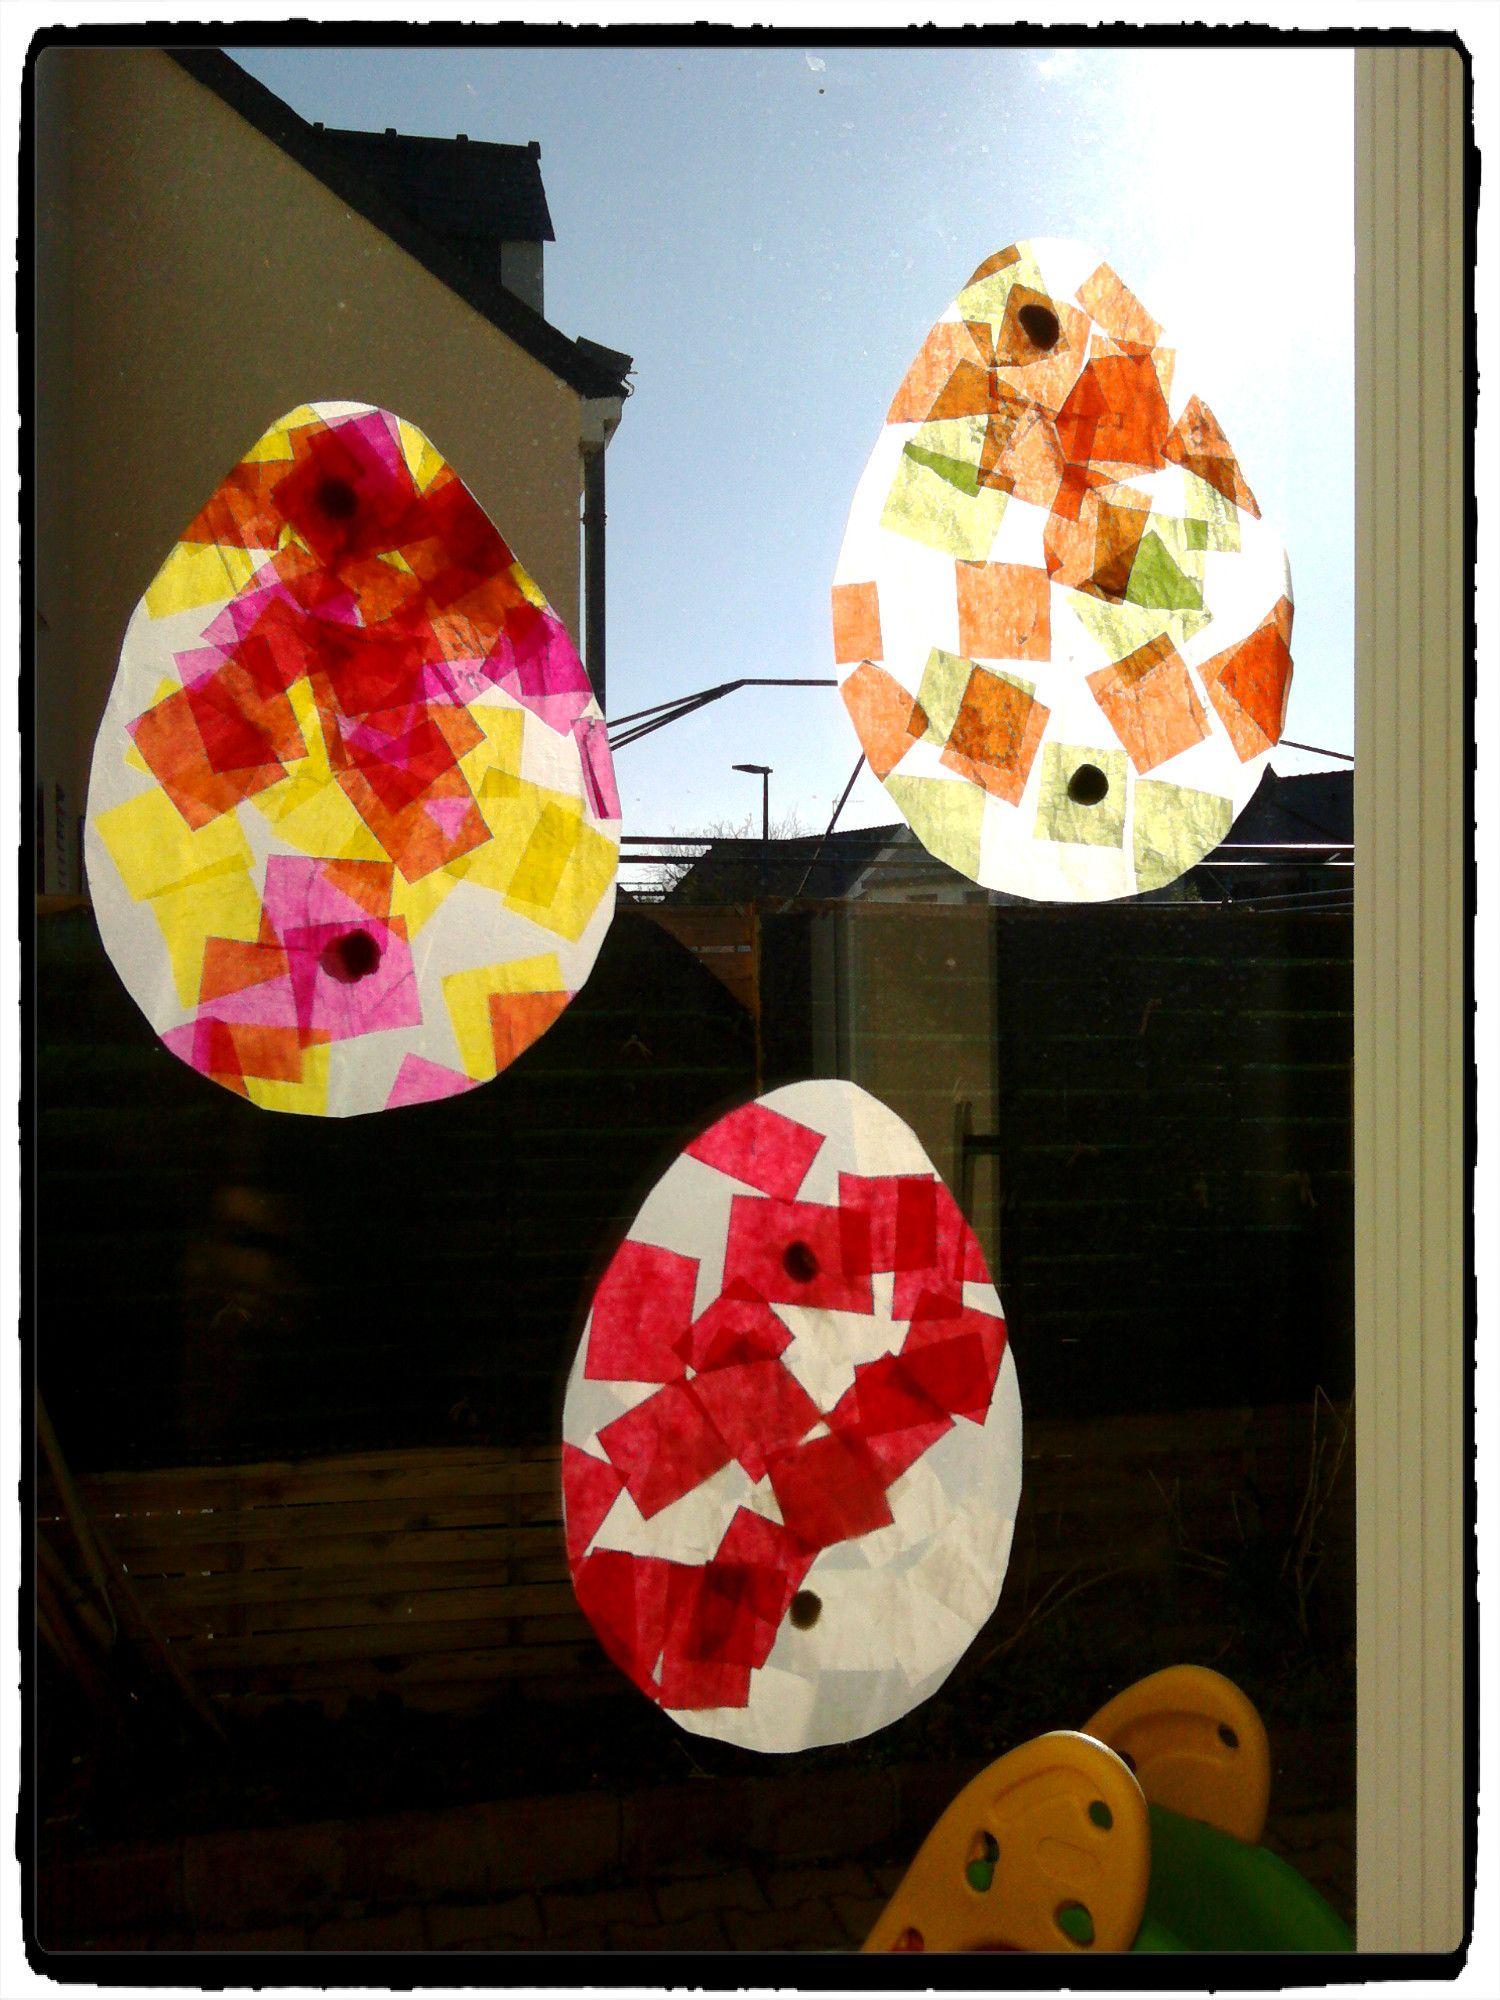 bricolage de paques, attrapes soleil en oeufs de paques, collage papier, bricolage enfant